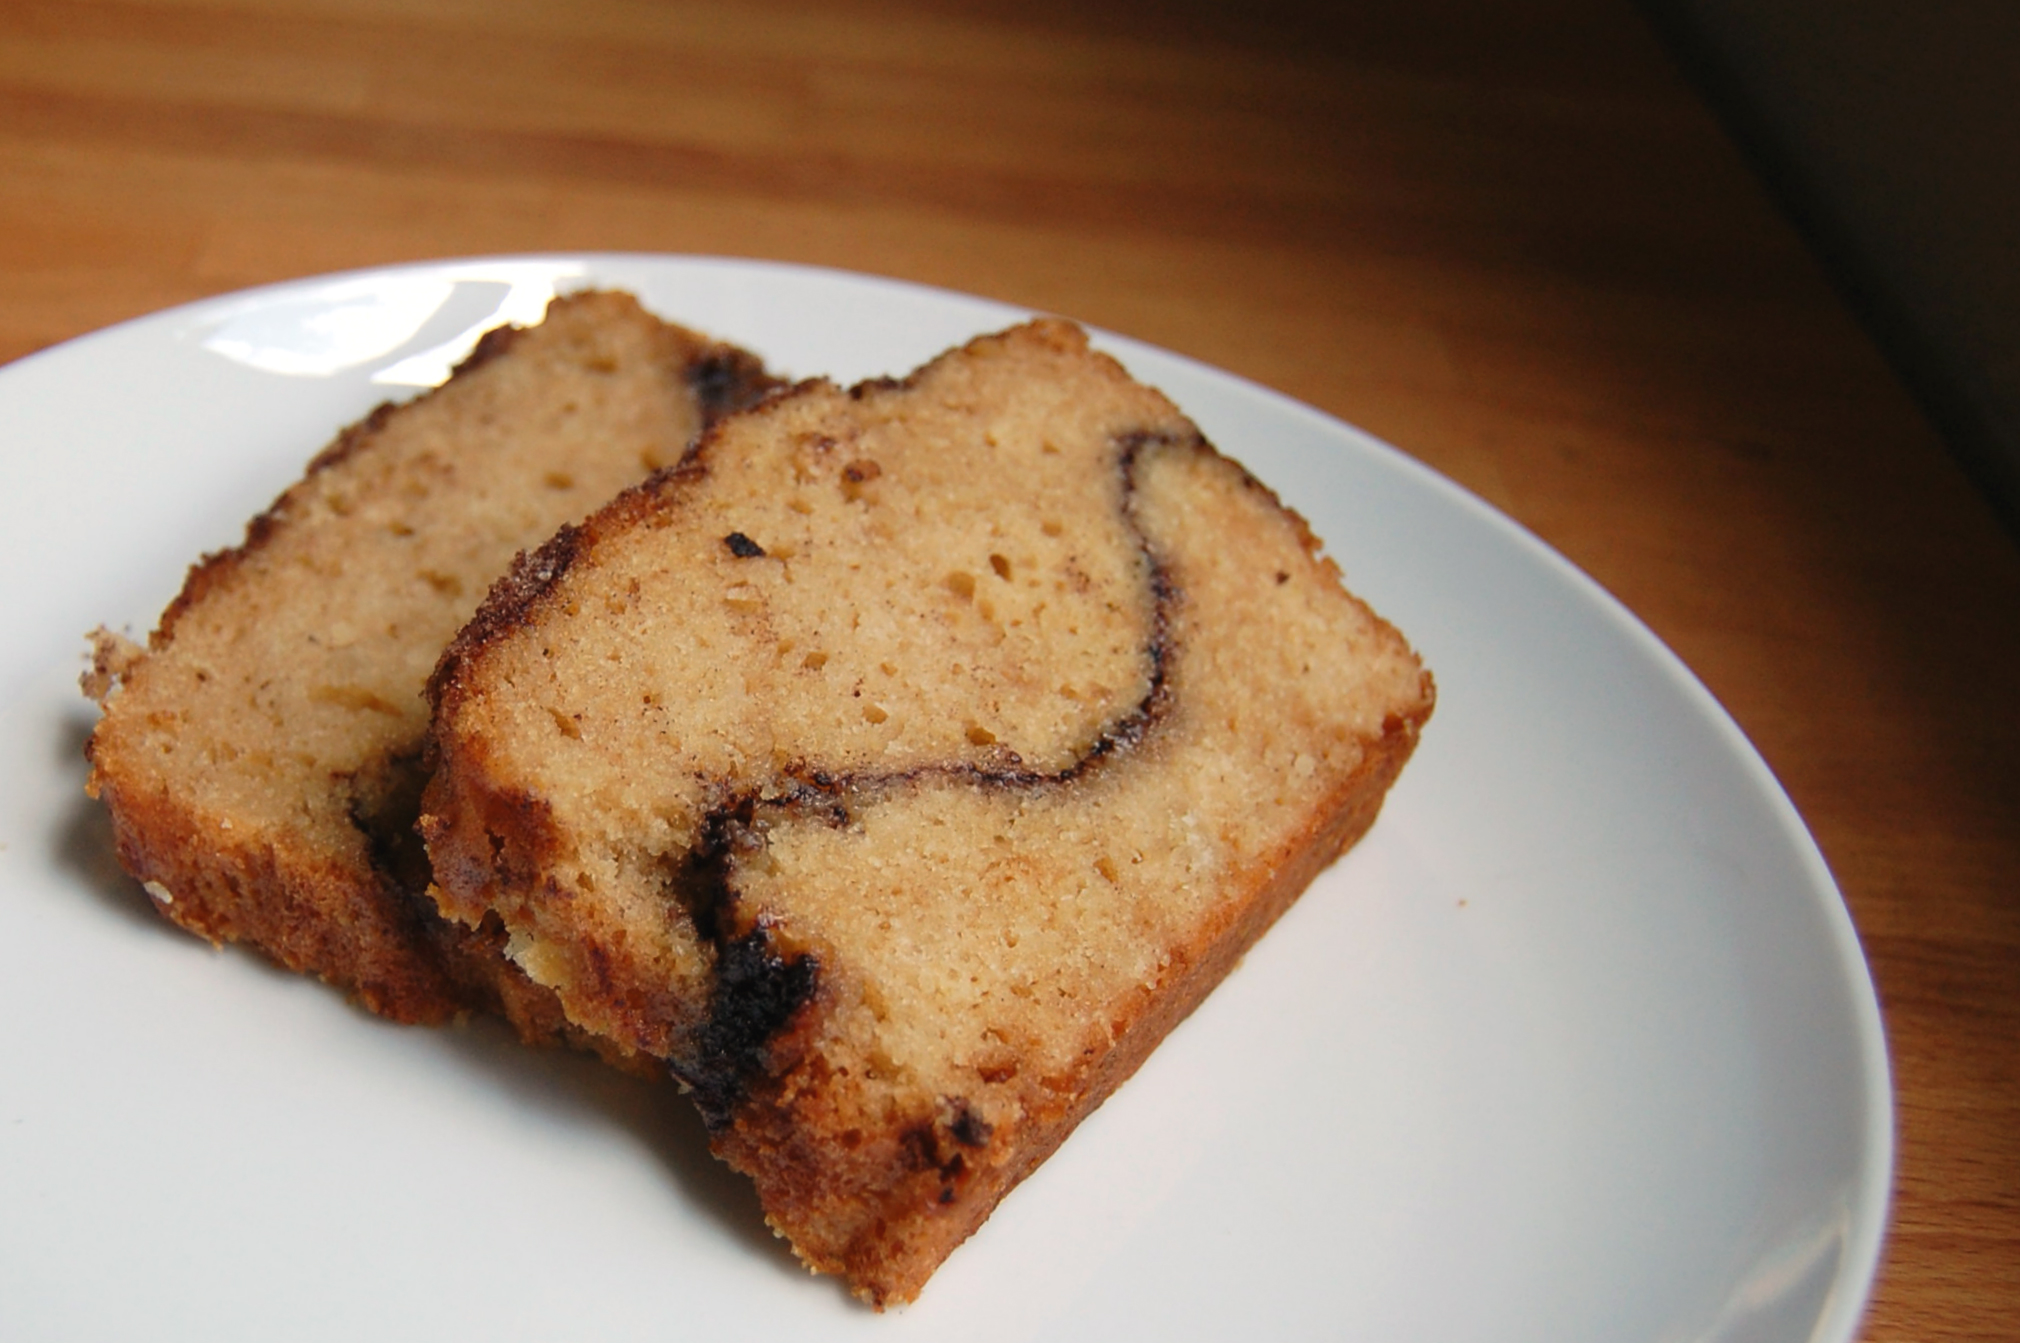 cinnamon swirl bread DSC_0432